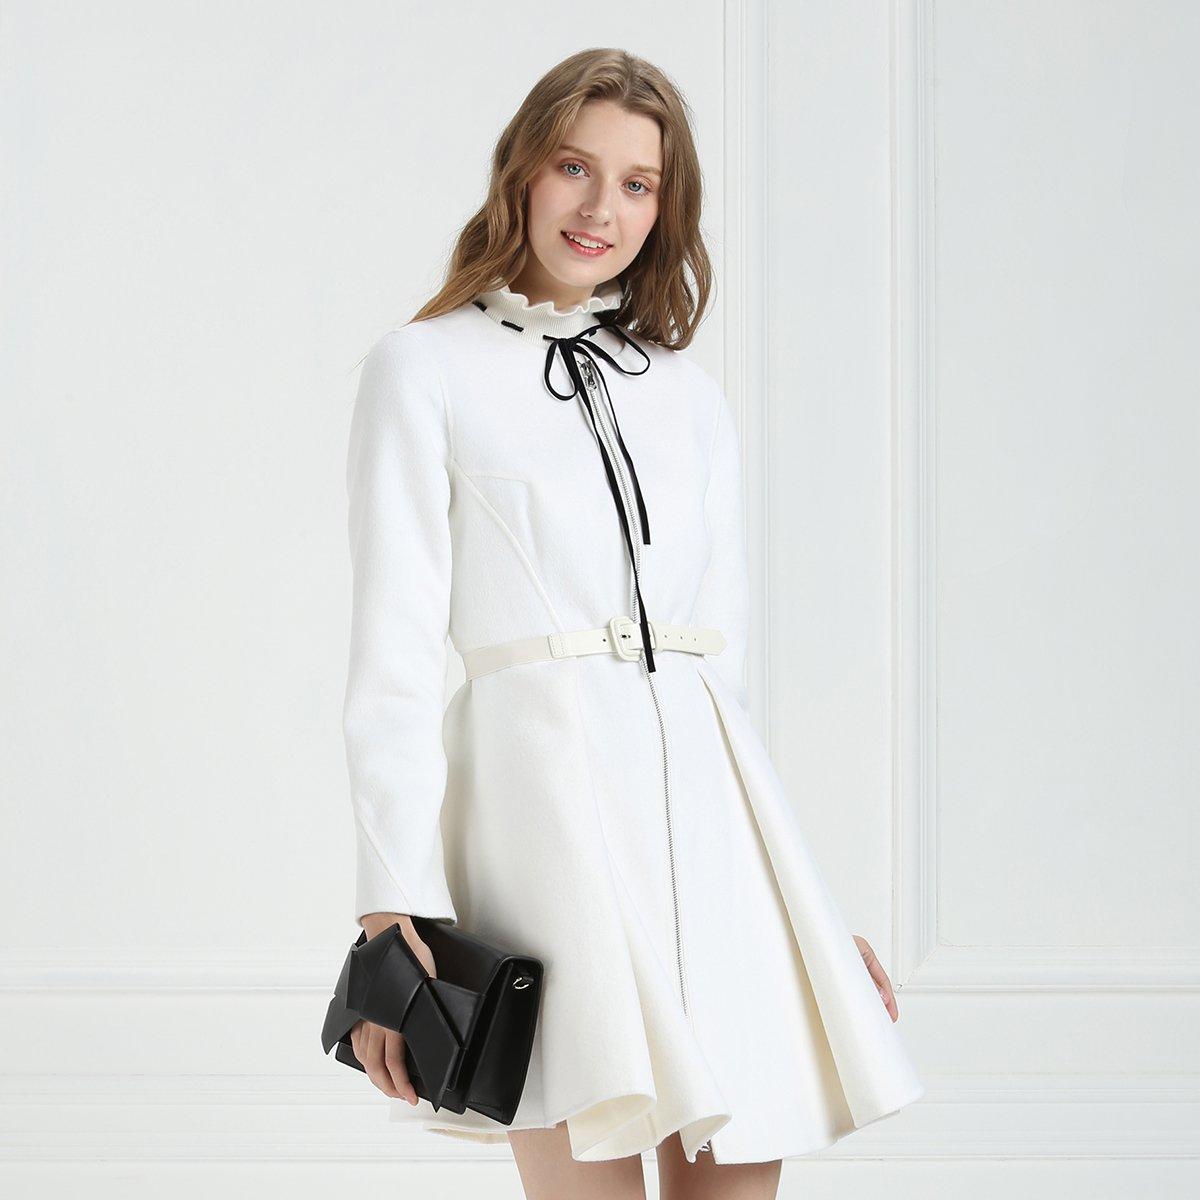 哥文花园无领纯色羊毛修身高腰大衣中长外套CJA3346270010